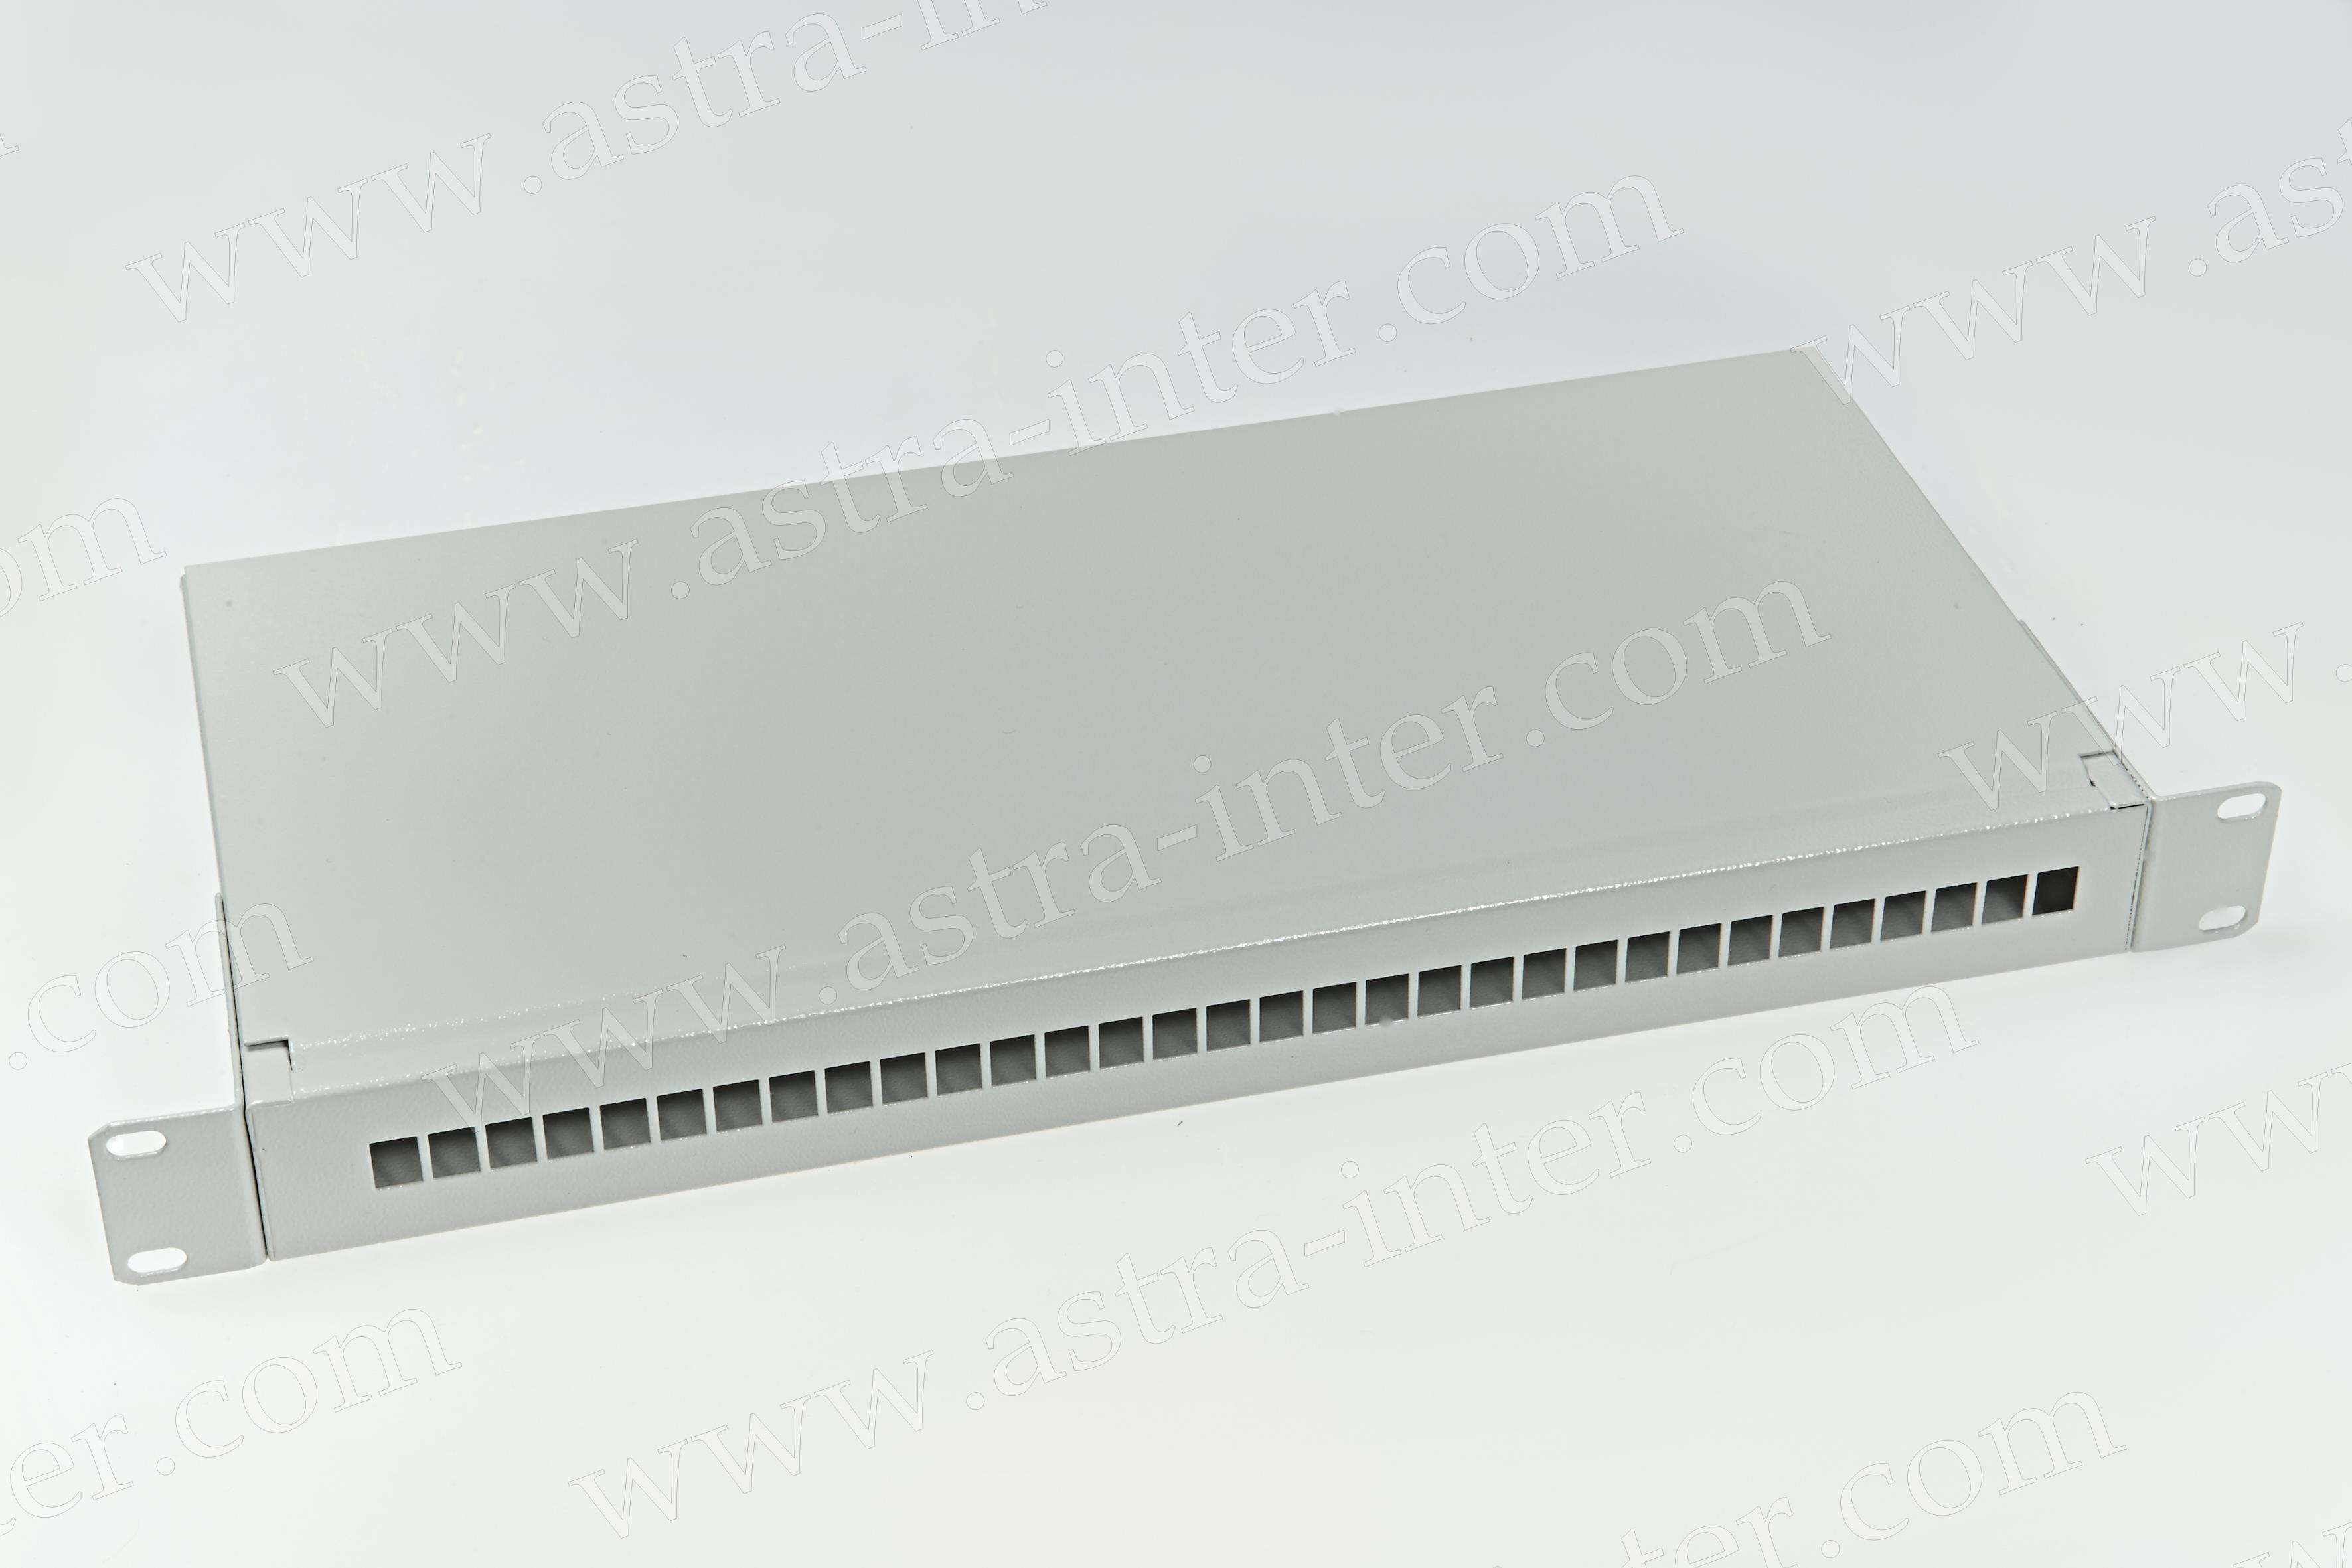 Корпус кросса эконом 1U-SC/FC (до 32 портов) с лицевой панелью